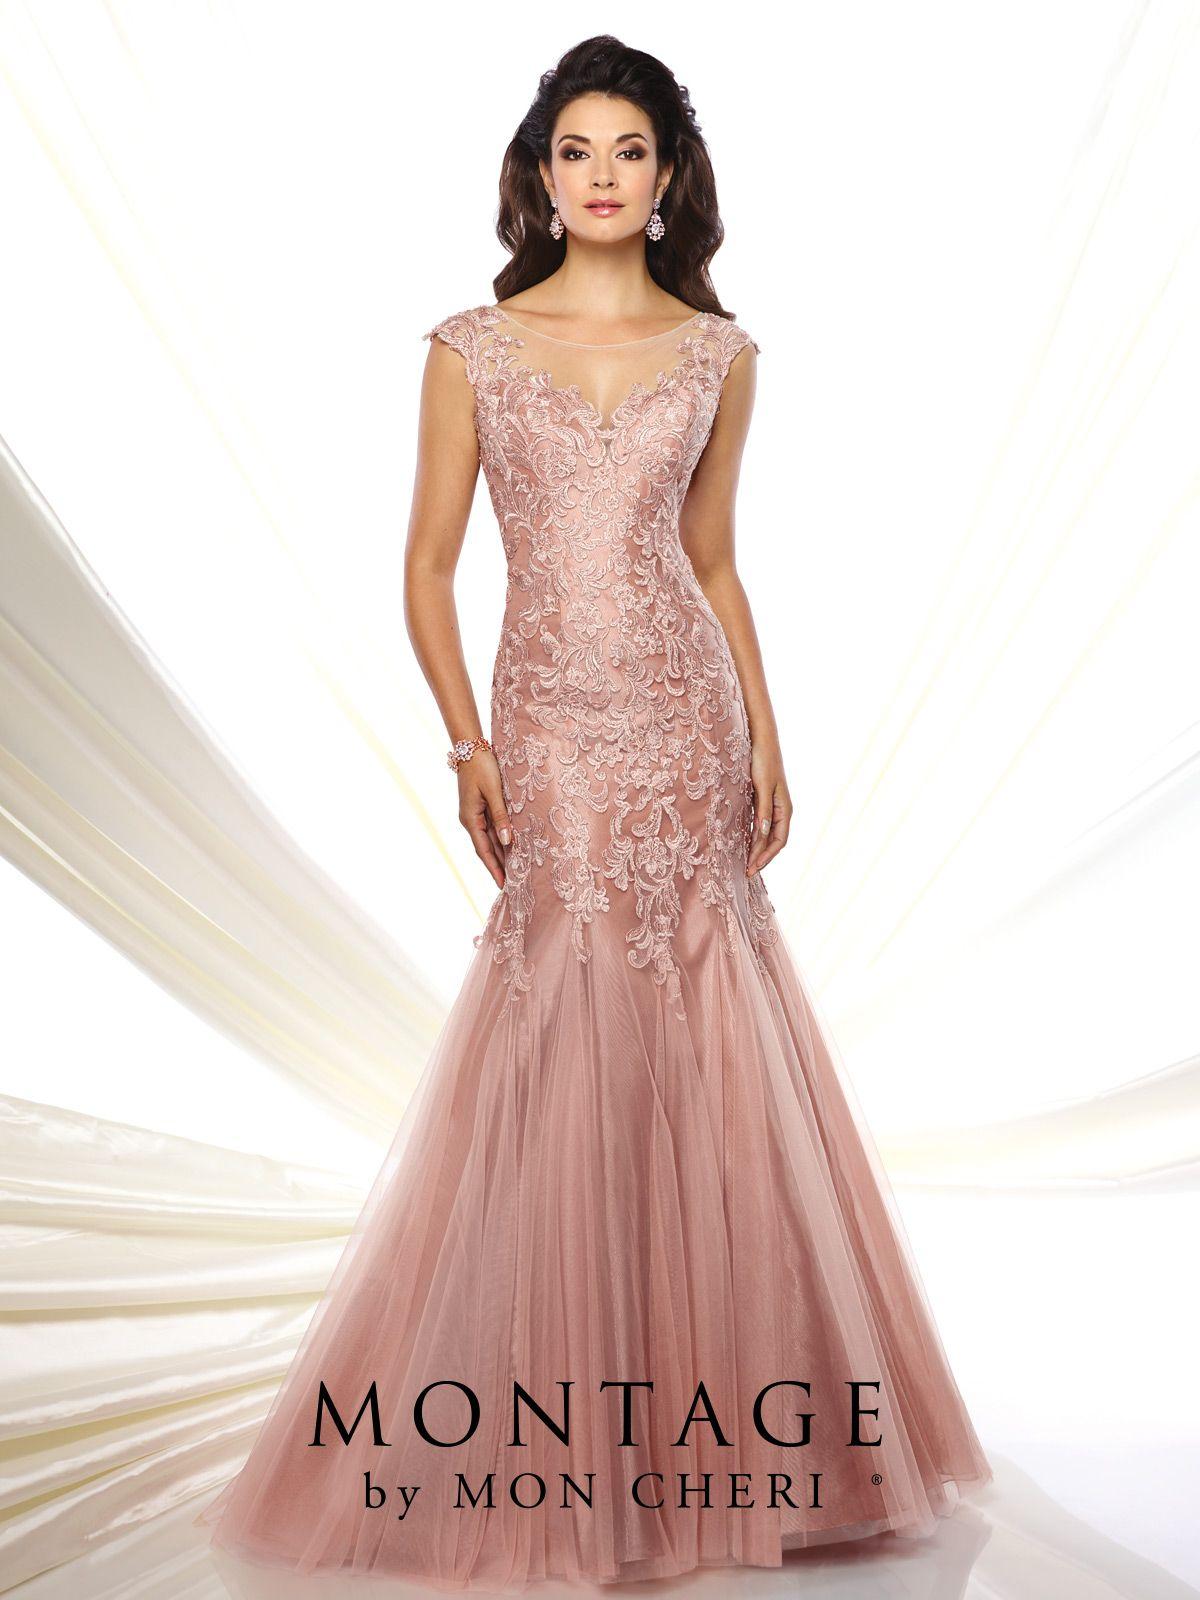 Montage by Mon Cheri - 116953 | Vestiditos, Vestidos boda y Recortes